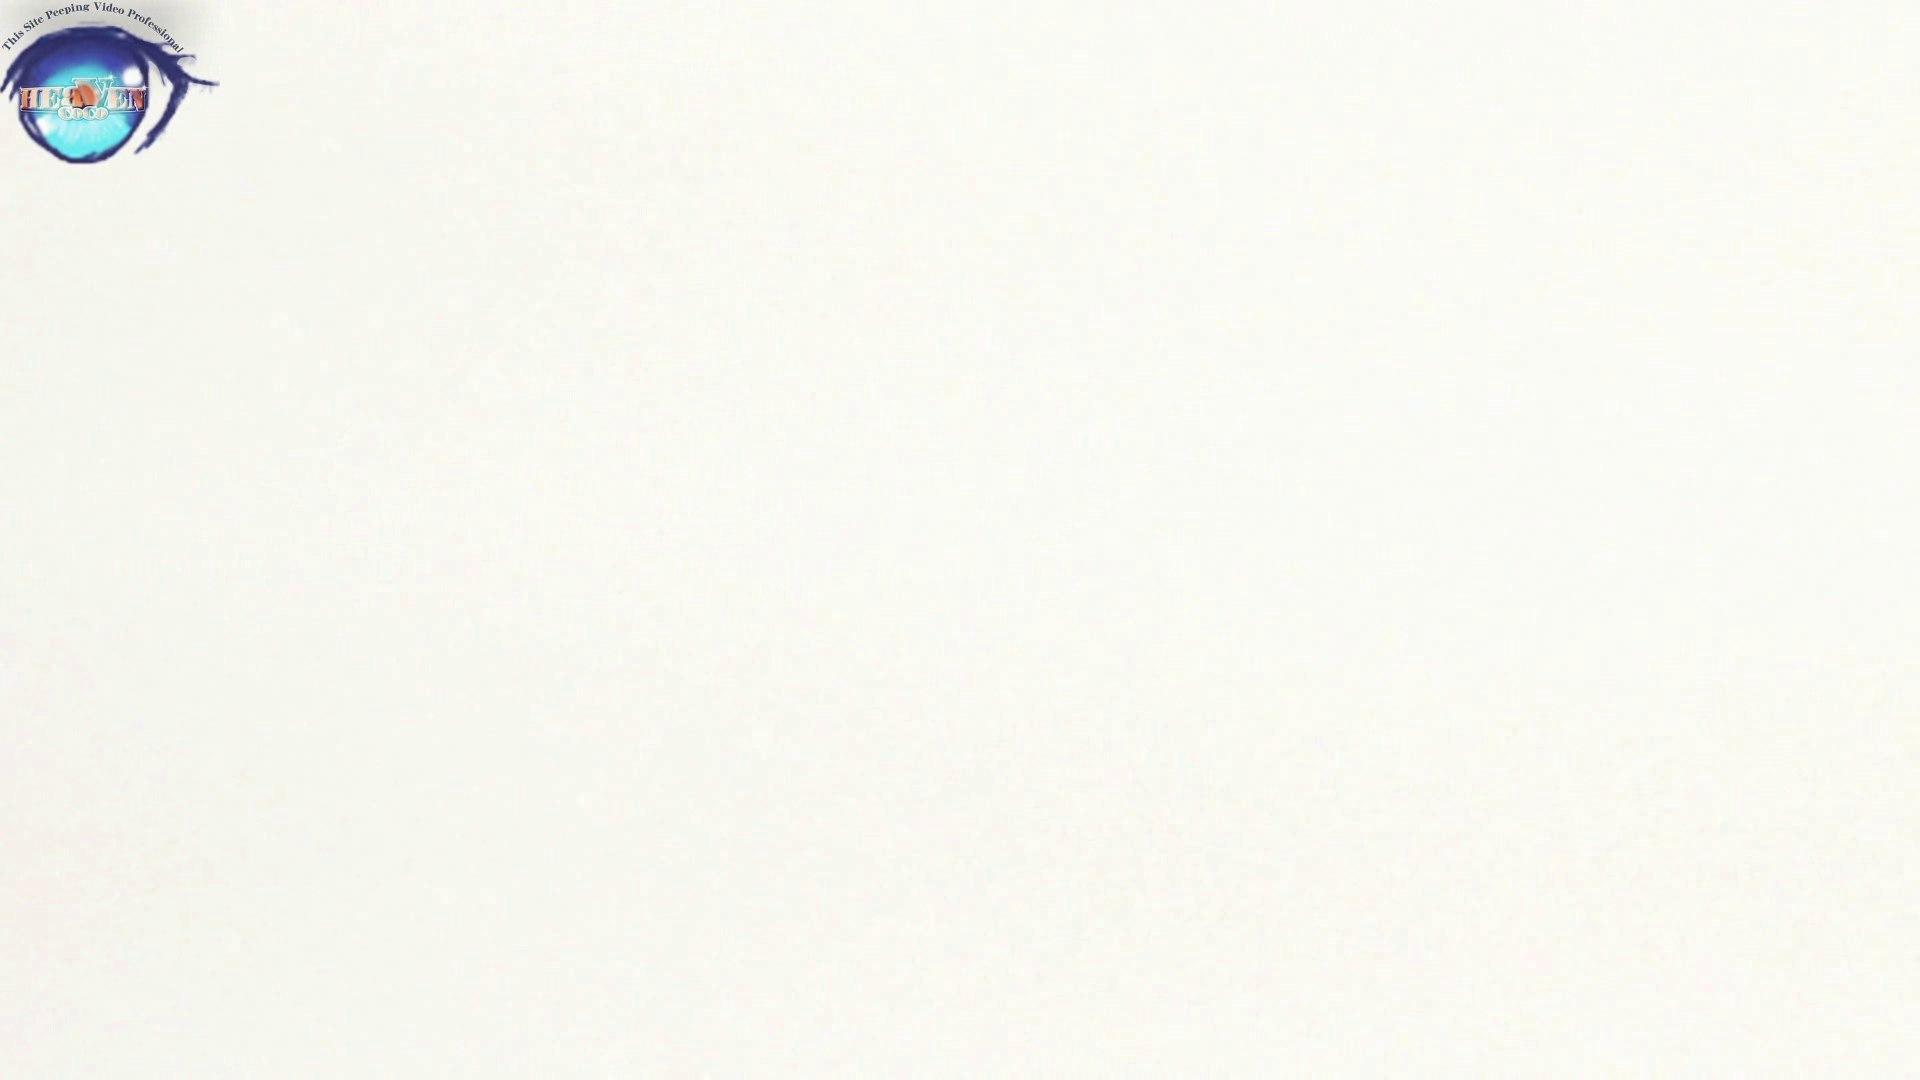 洗面所突入レポート!!お銀 vol.68 無謀に通路に飛び出て一番明るいフロント撮り実現 前編 綺麗なOLたち  63枚 36